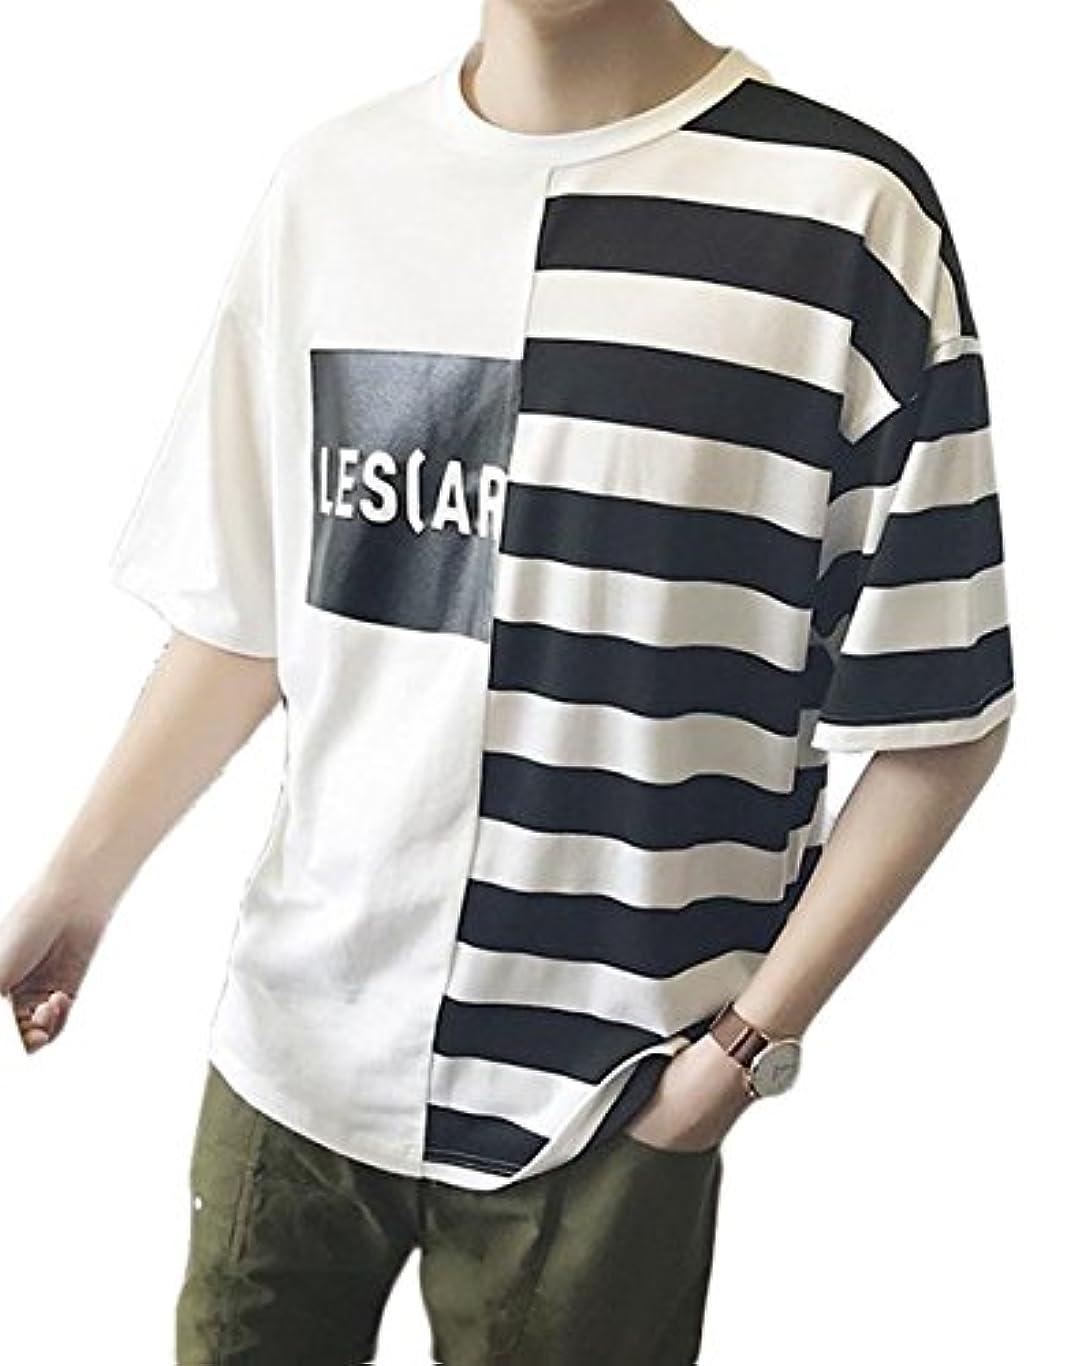 変成器遠洋の常習的ZhongJue(ジュージェン)メンズ Tシャツ 半袖 ゆったり ボーダー柄 ファッション カットソー ゆったり 韓国風 トップス